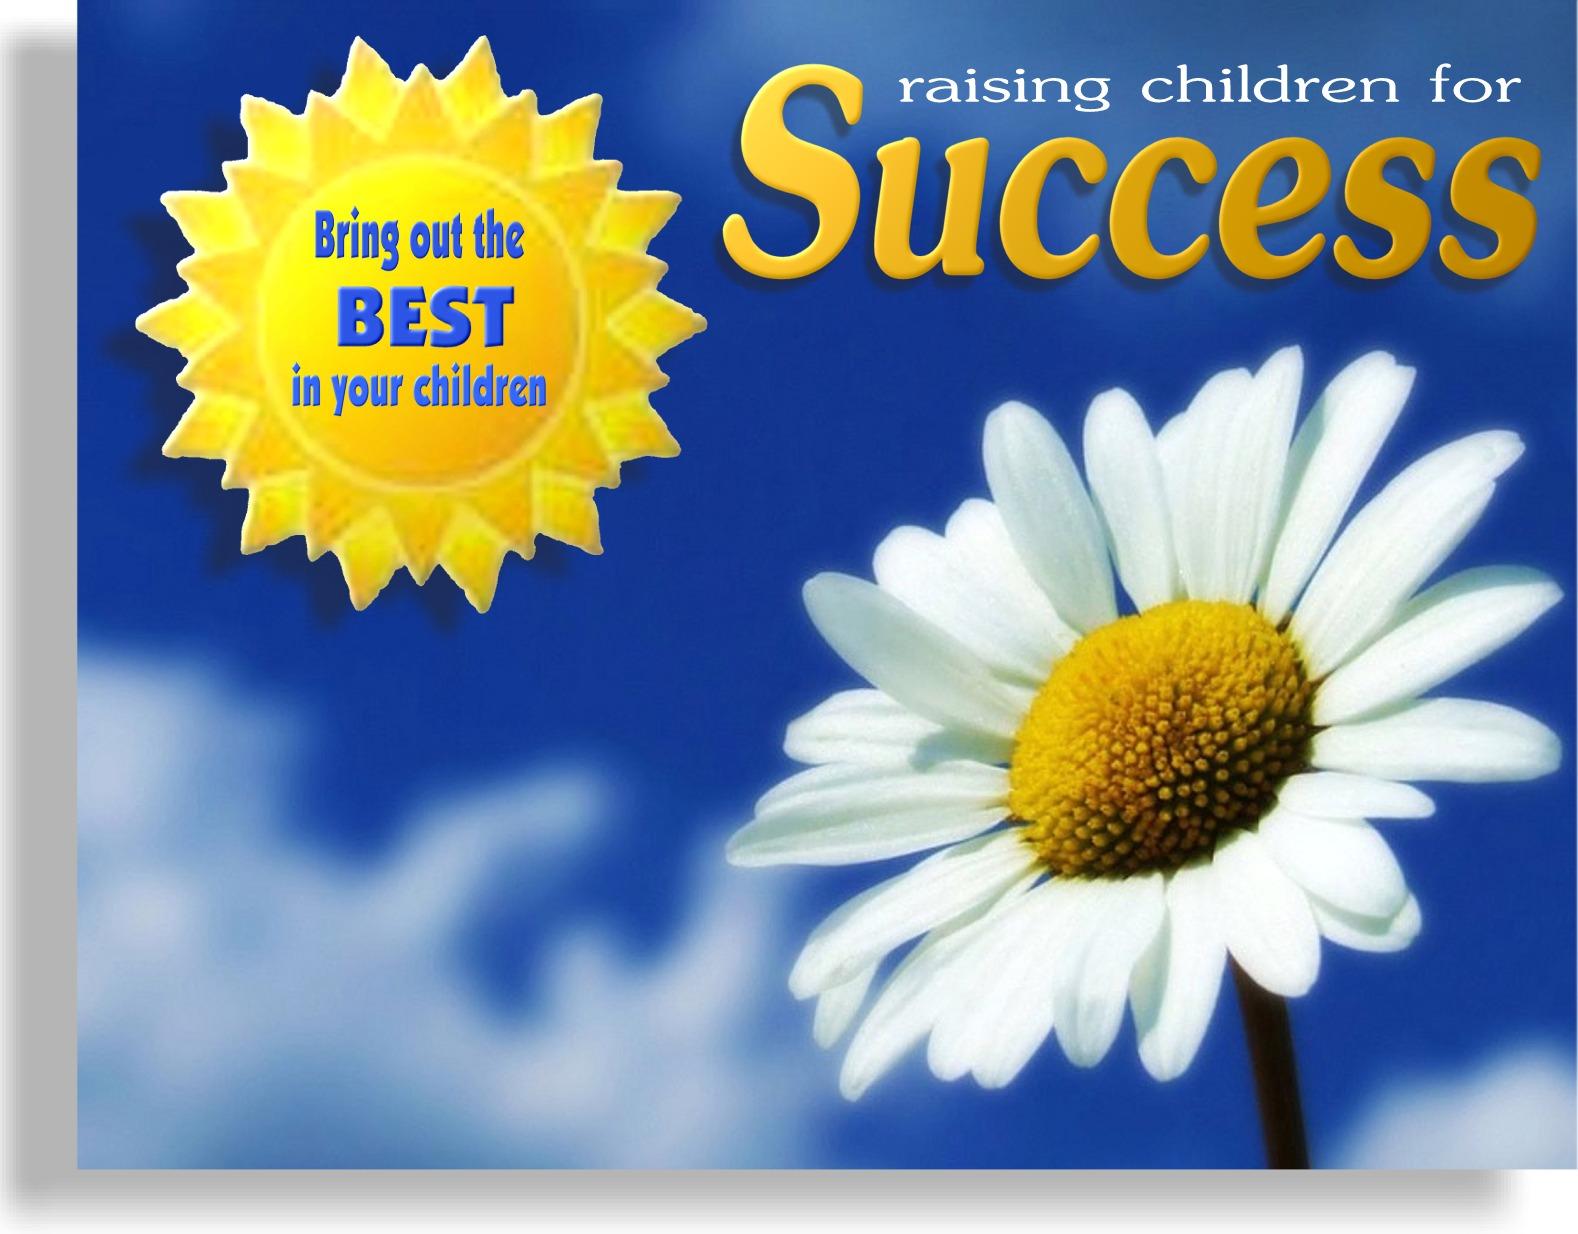 raising children for success web 1.jpg